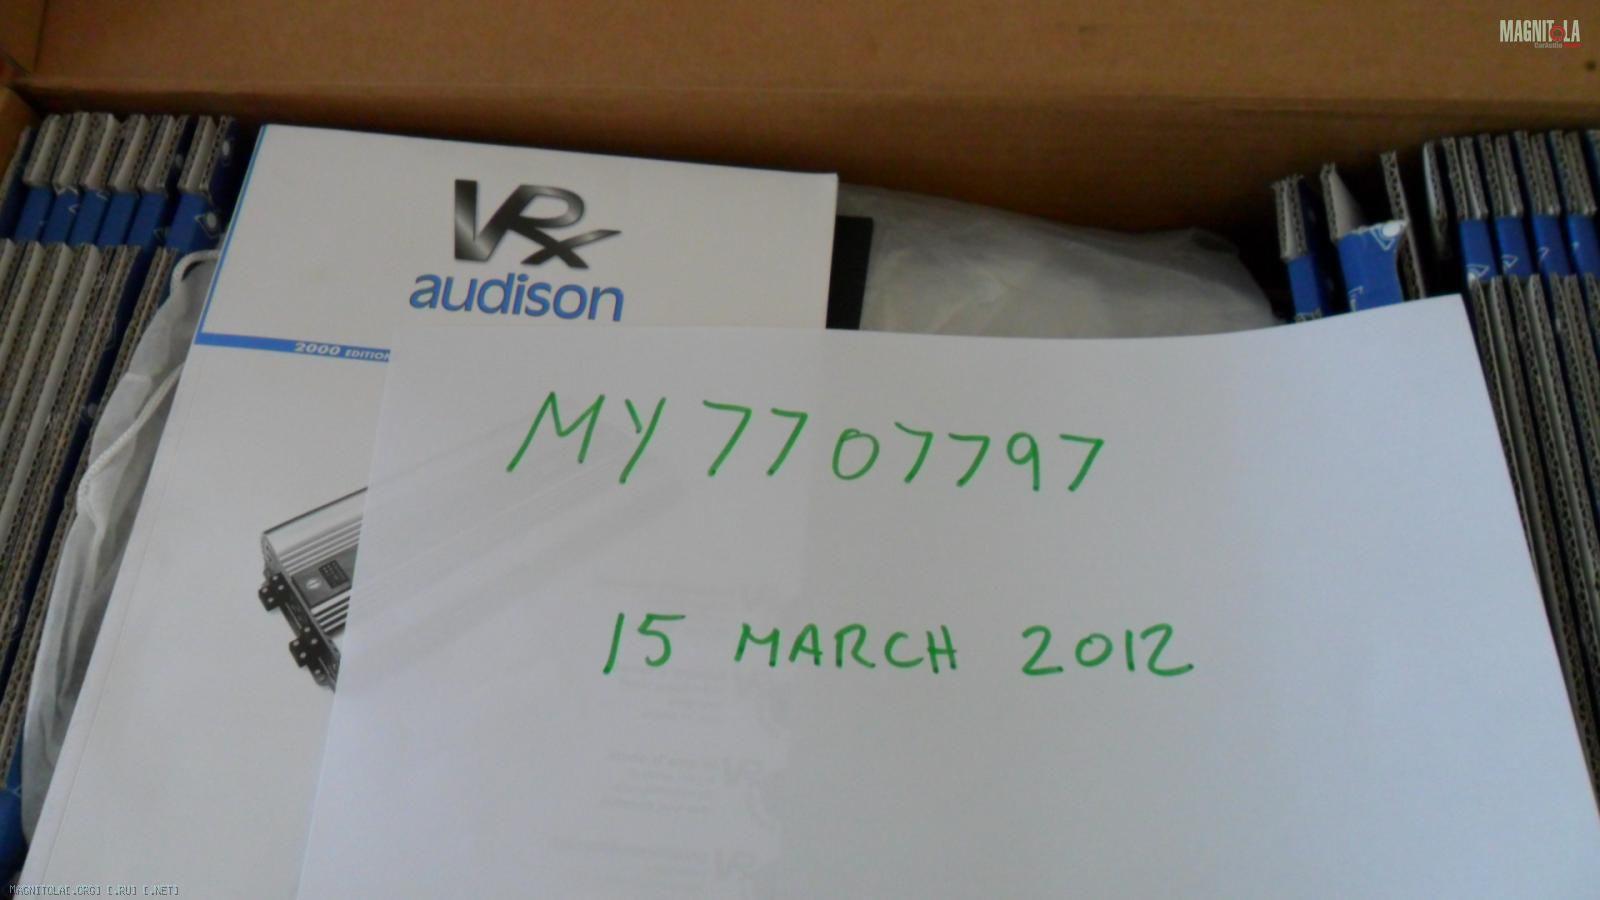 инструкцию к audison lrx 4 300